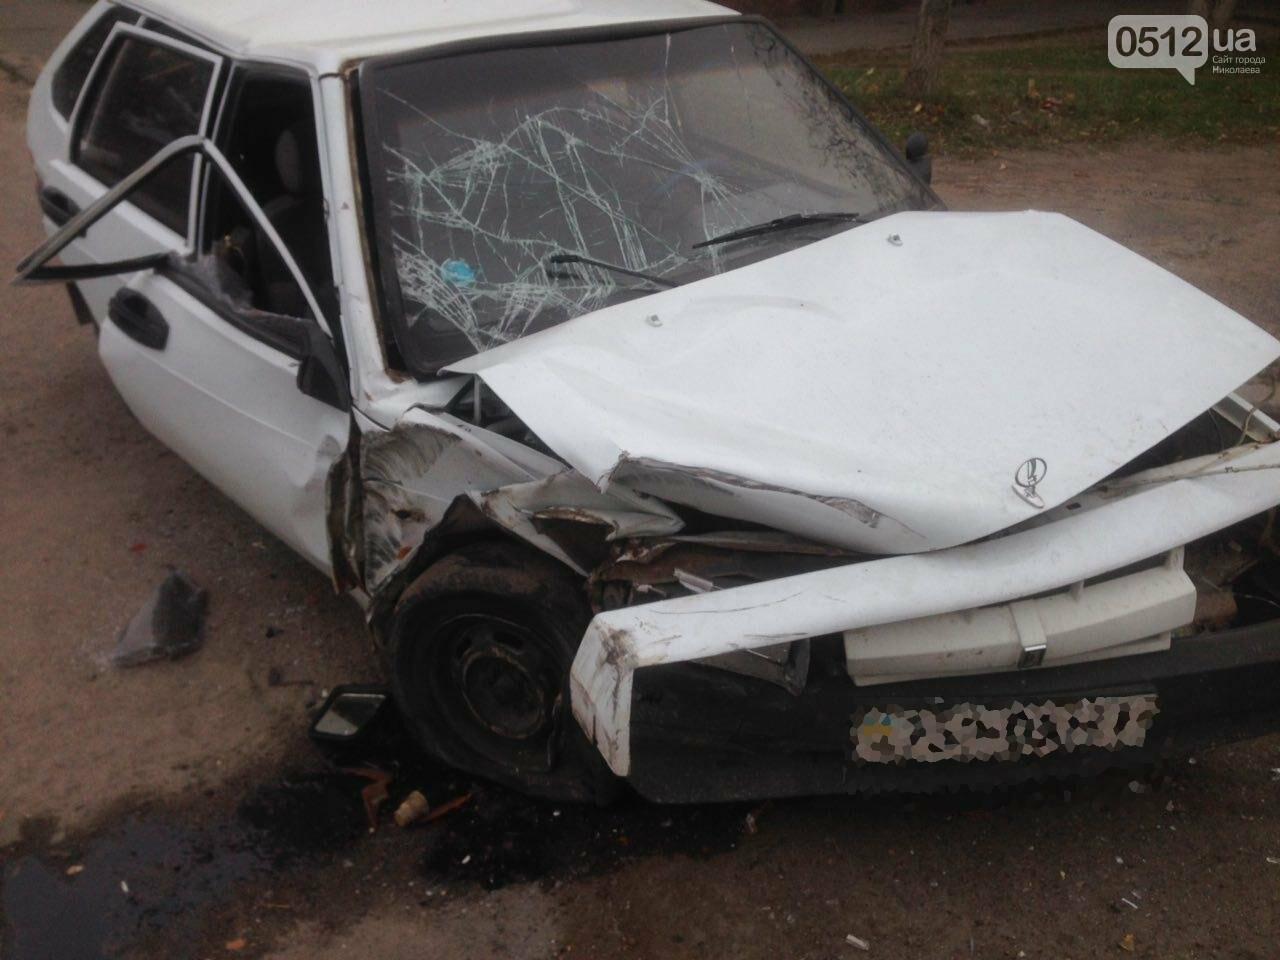 """На въезде в Николаев фура сбила """"девятку"""" - в аварии пострадали отец и сын, - ФОТО , фото-7"""